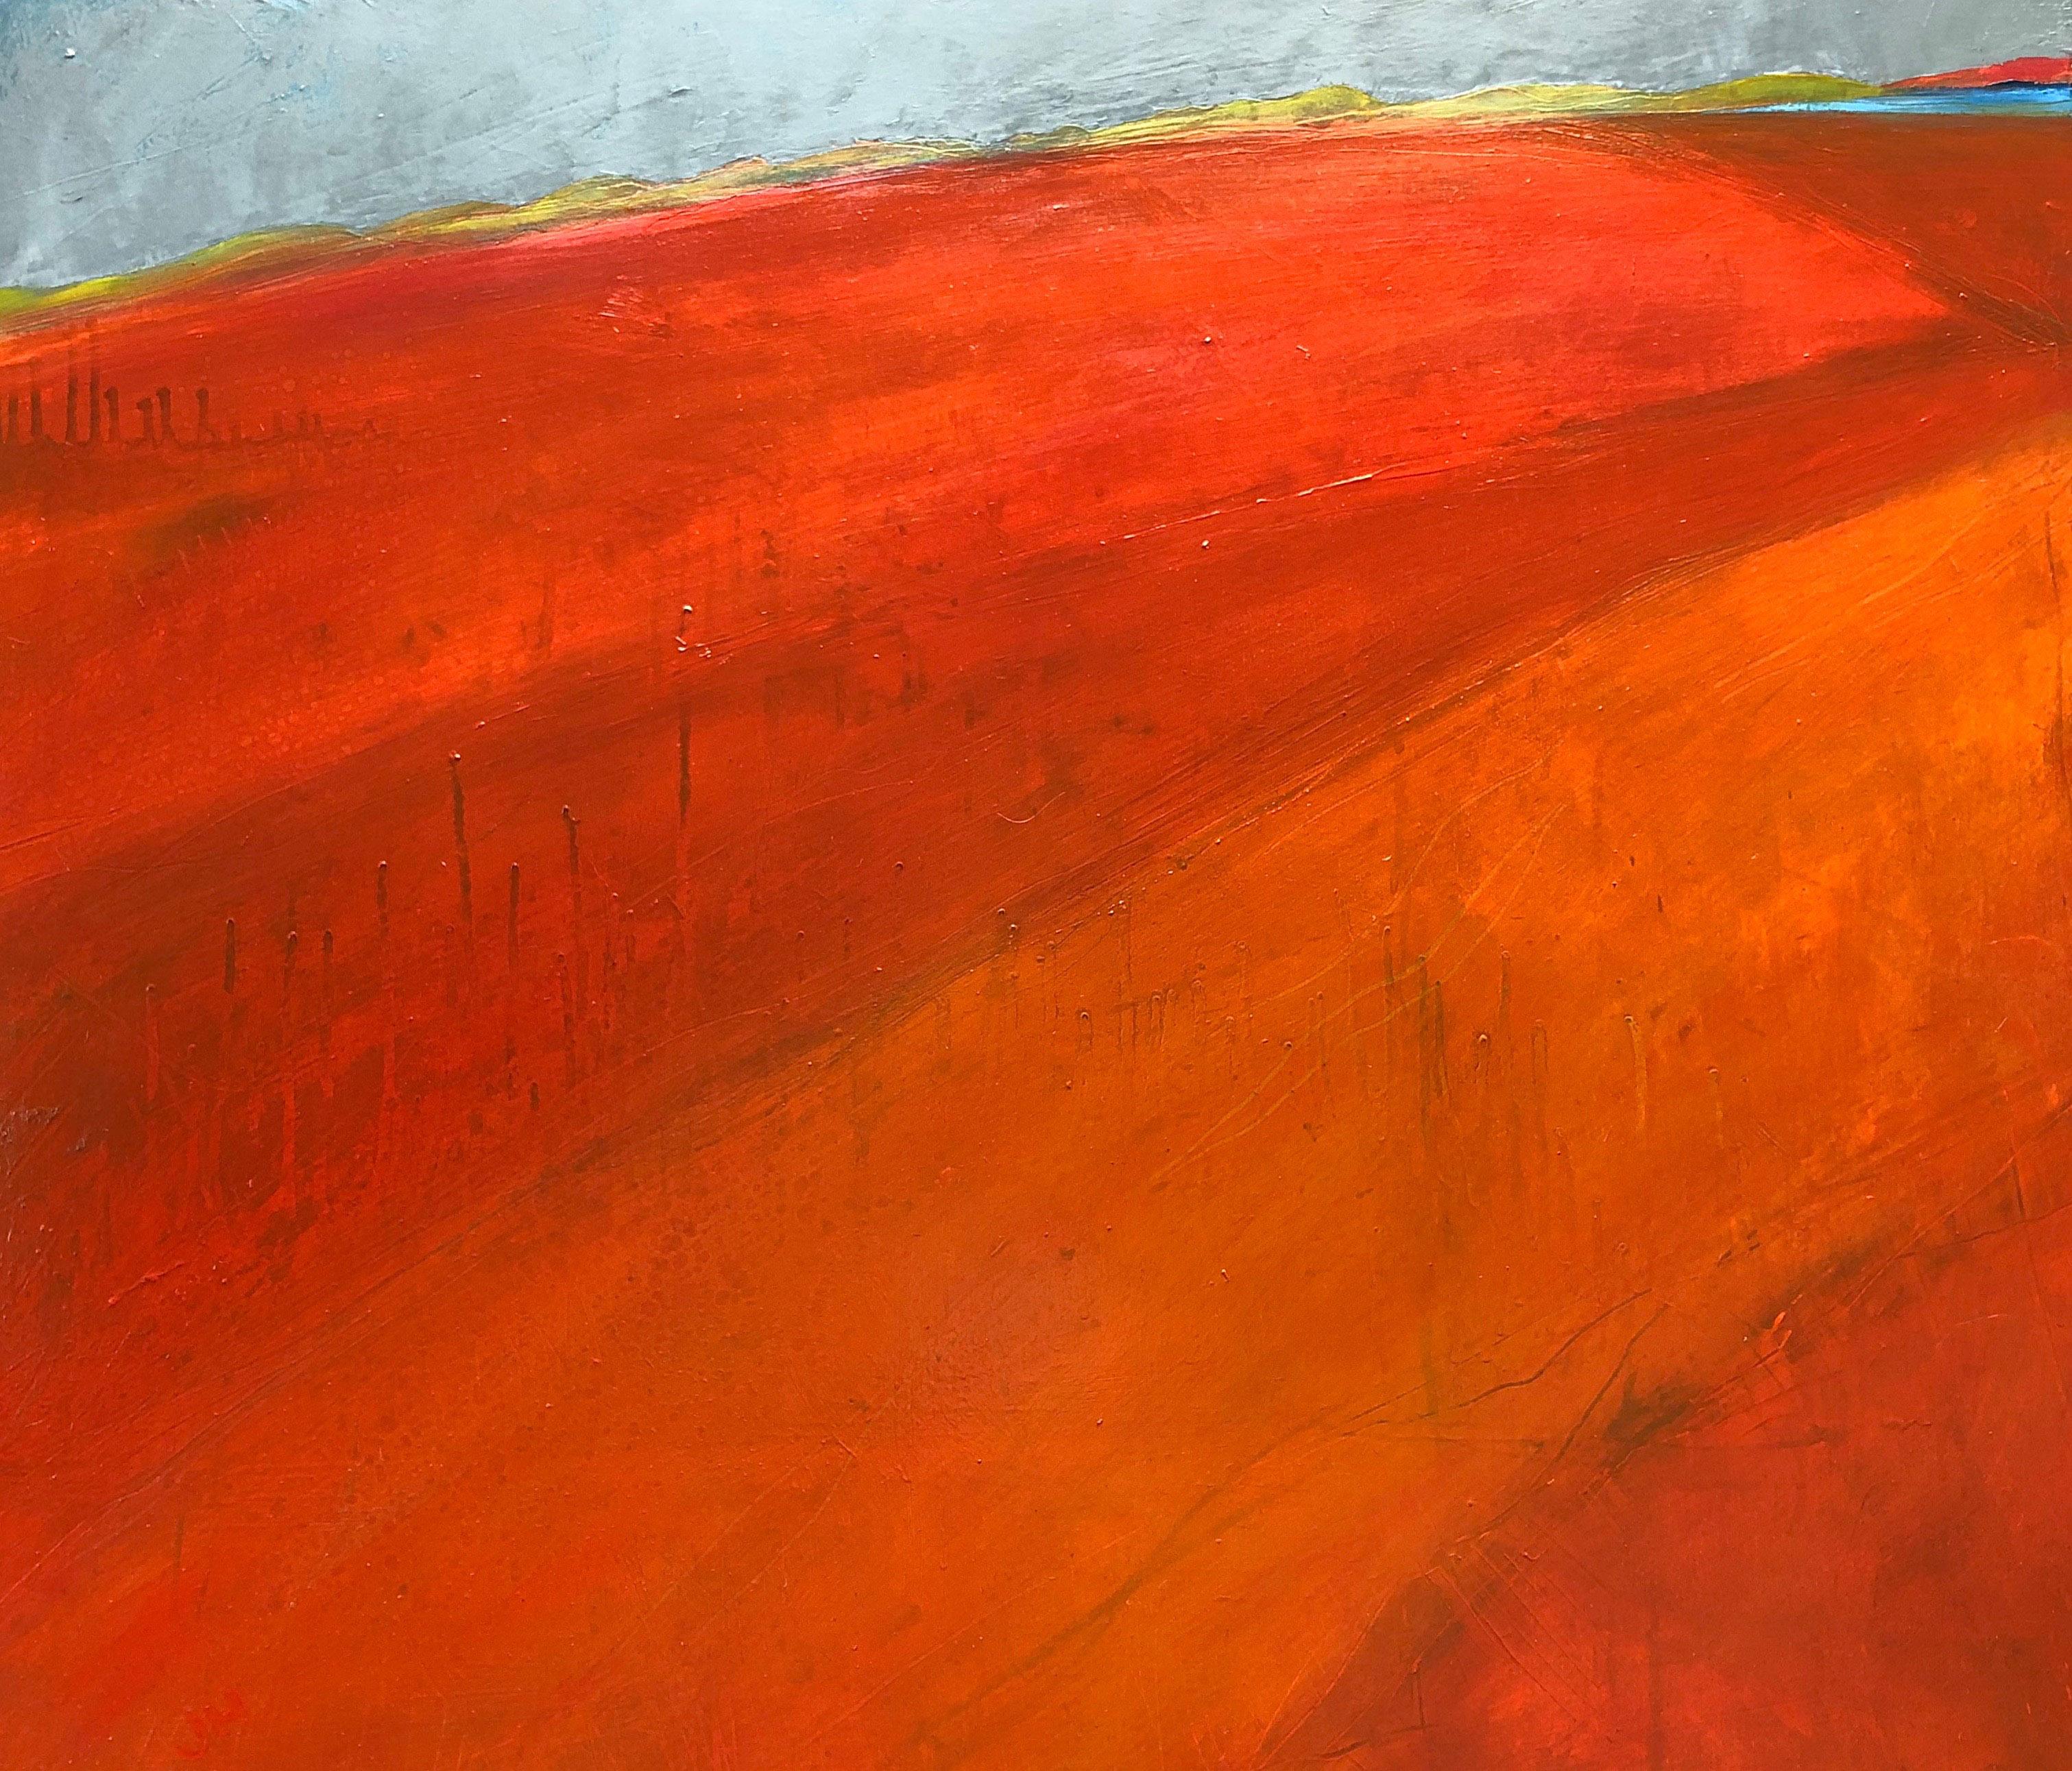 ©Jane  Hodgson_ Dare to Dream_80 x 70cm, Oil and graphite on canvas